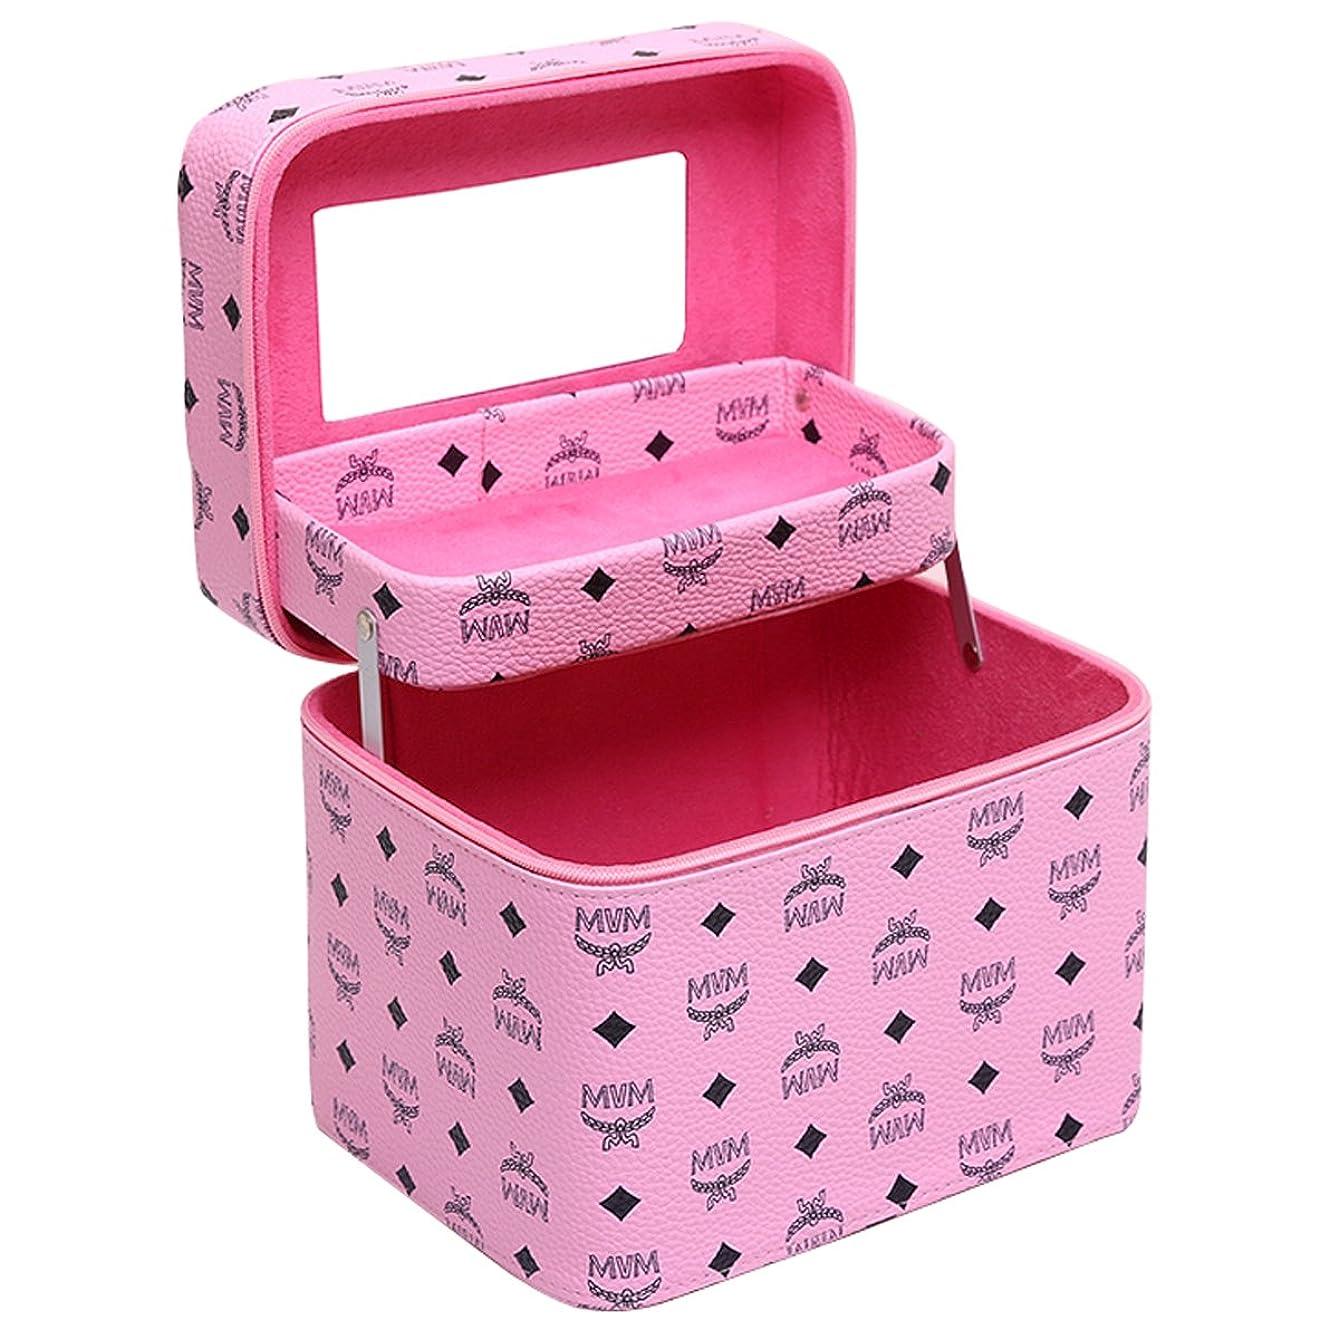 パブ半島復讐化粧品収納ボックス コスメボックス コスメ収納ボックス 化粧品入れ レディース ジュエリーボックス 小物 収納 メイクボックス (ピンク)